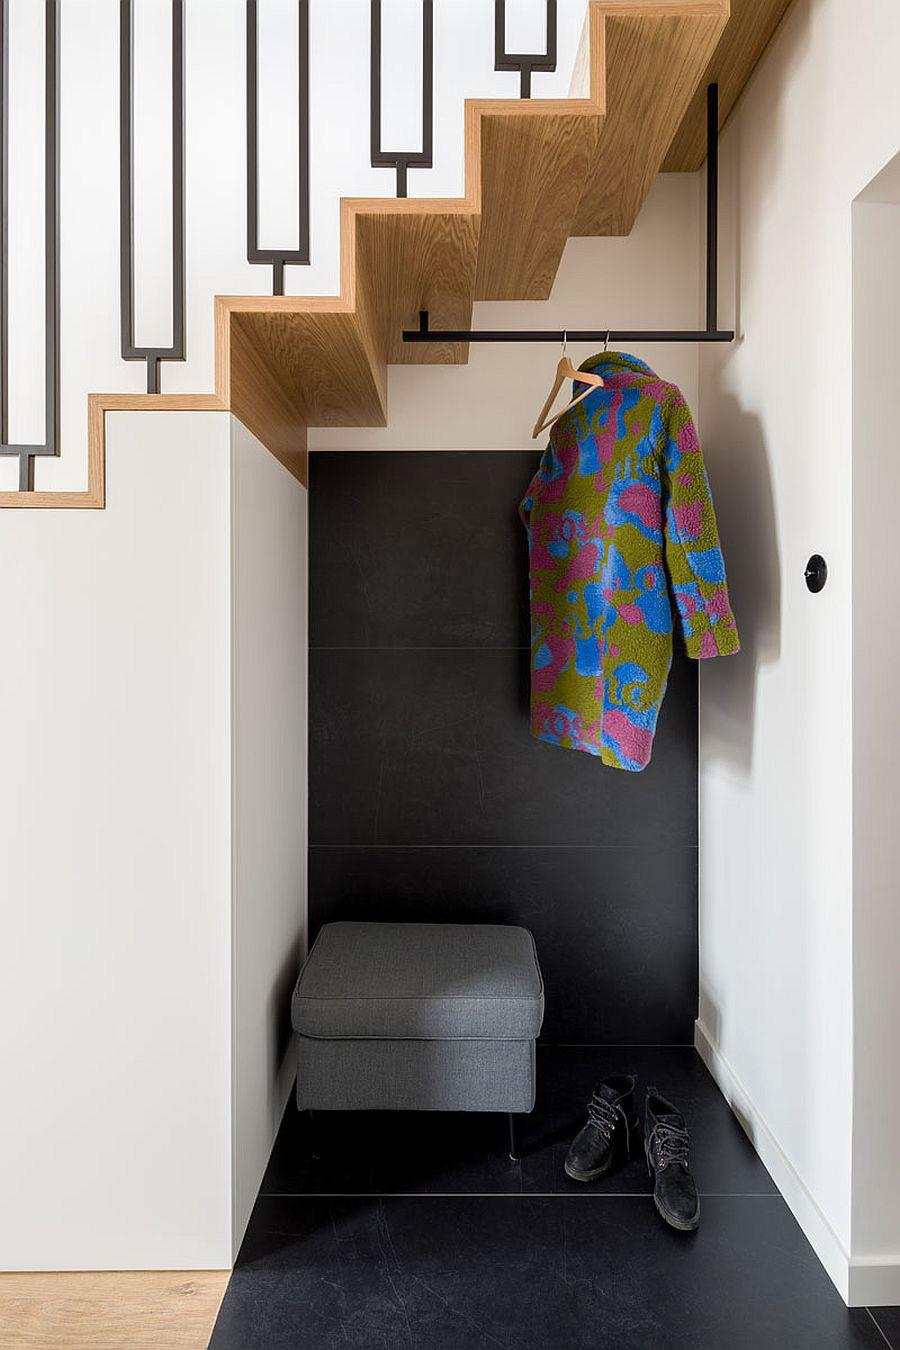 Căn hộ nhỏ xíu cực xinh xắn với tầng lửng màu đen và trắng ấn tượng - Ảnh 1